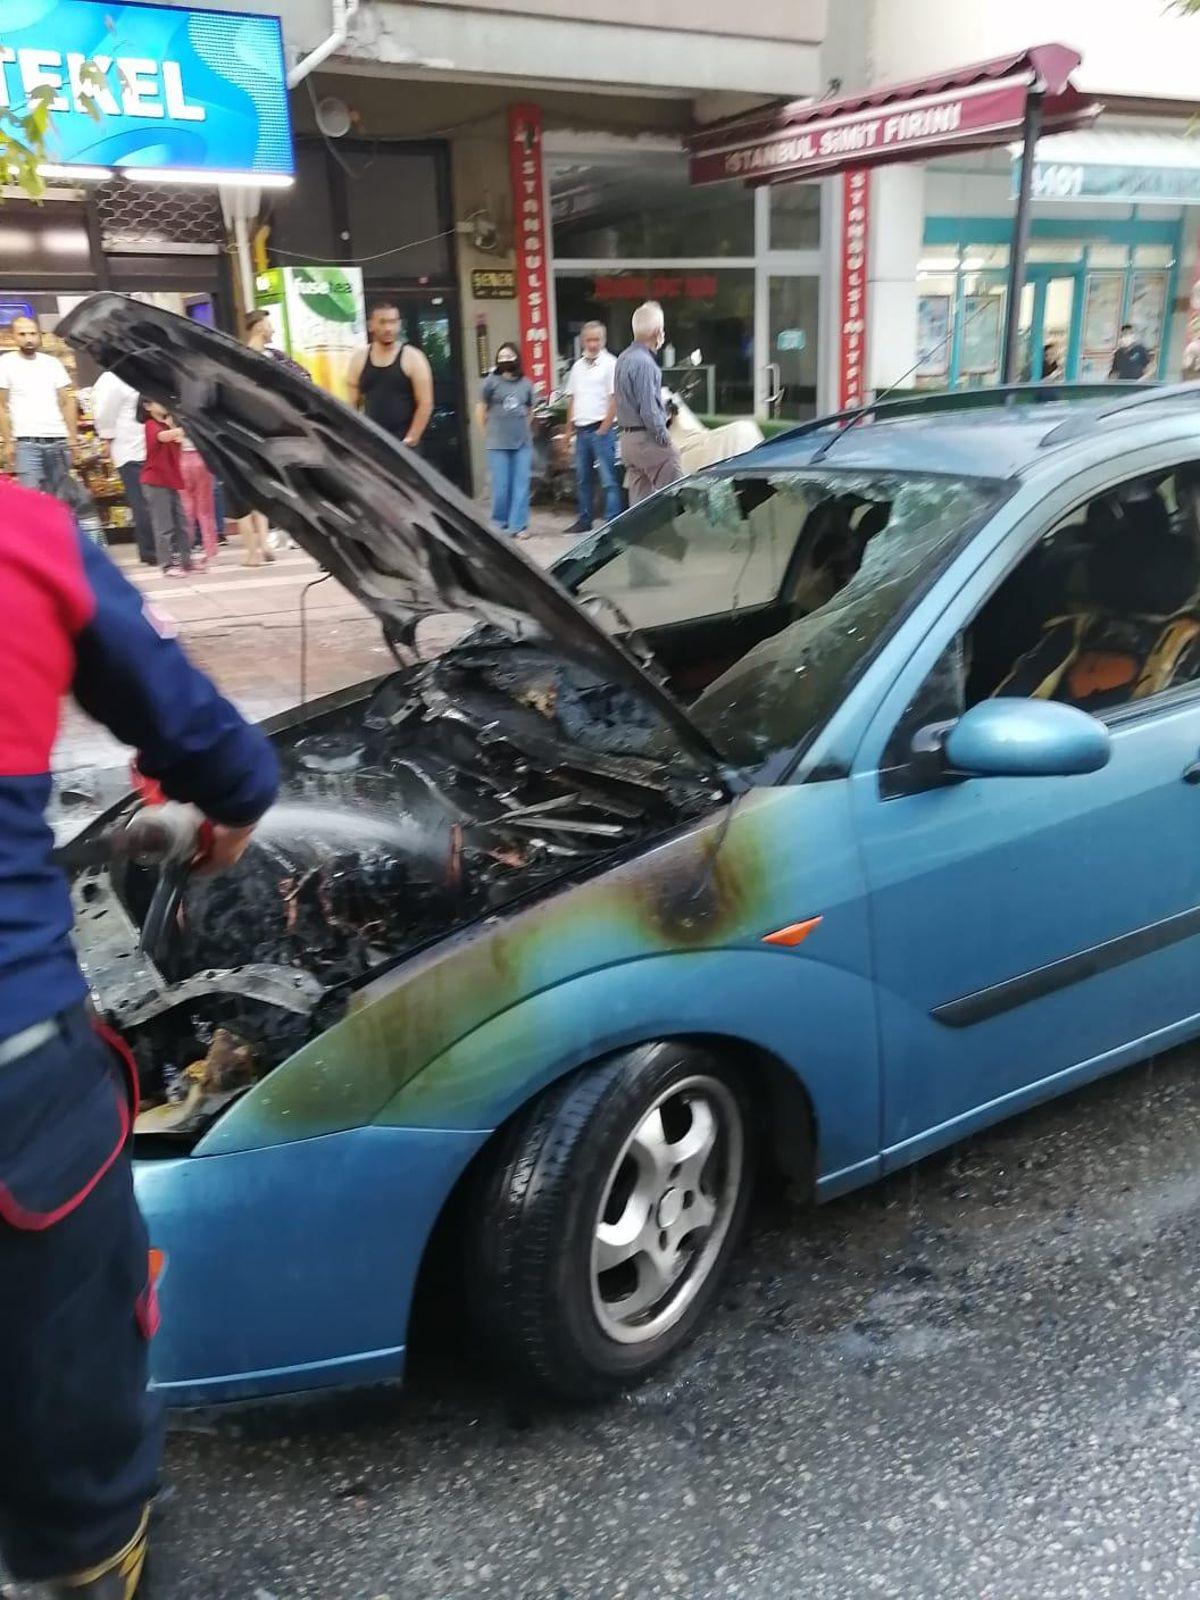 Amasya'da park halindeki araç yandı